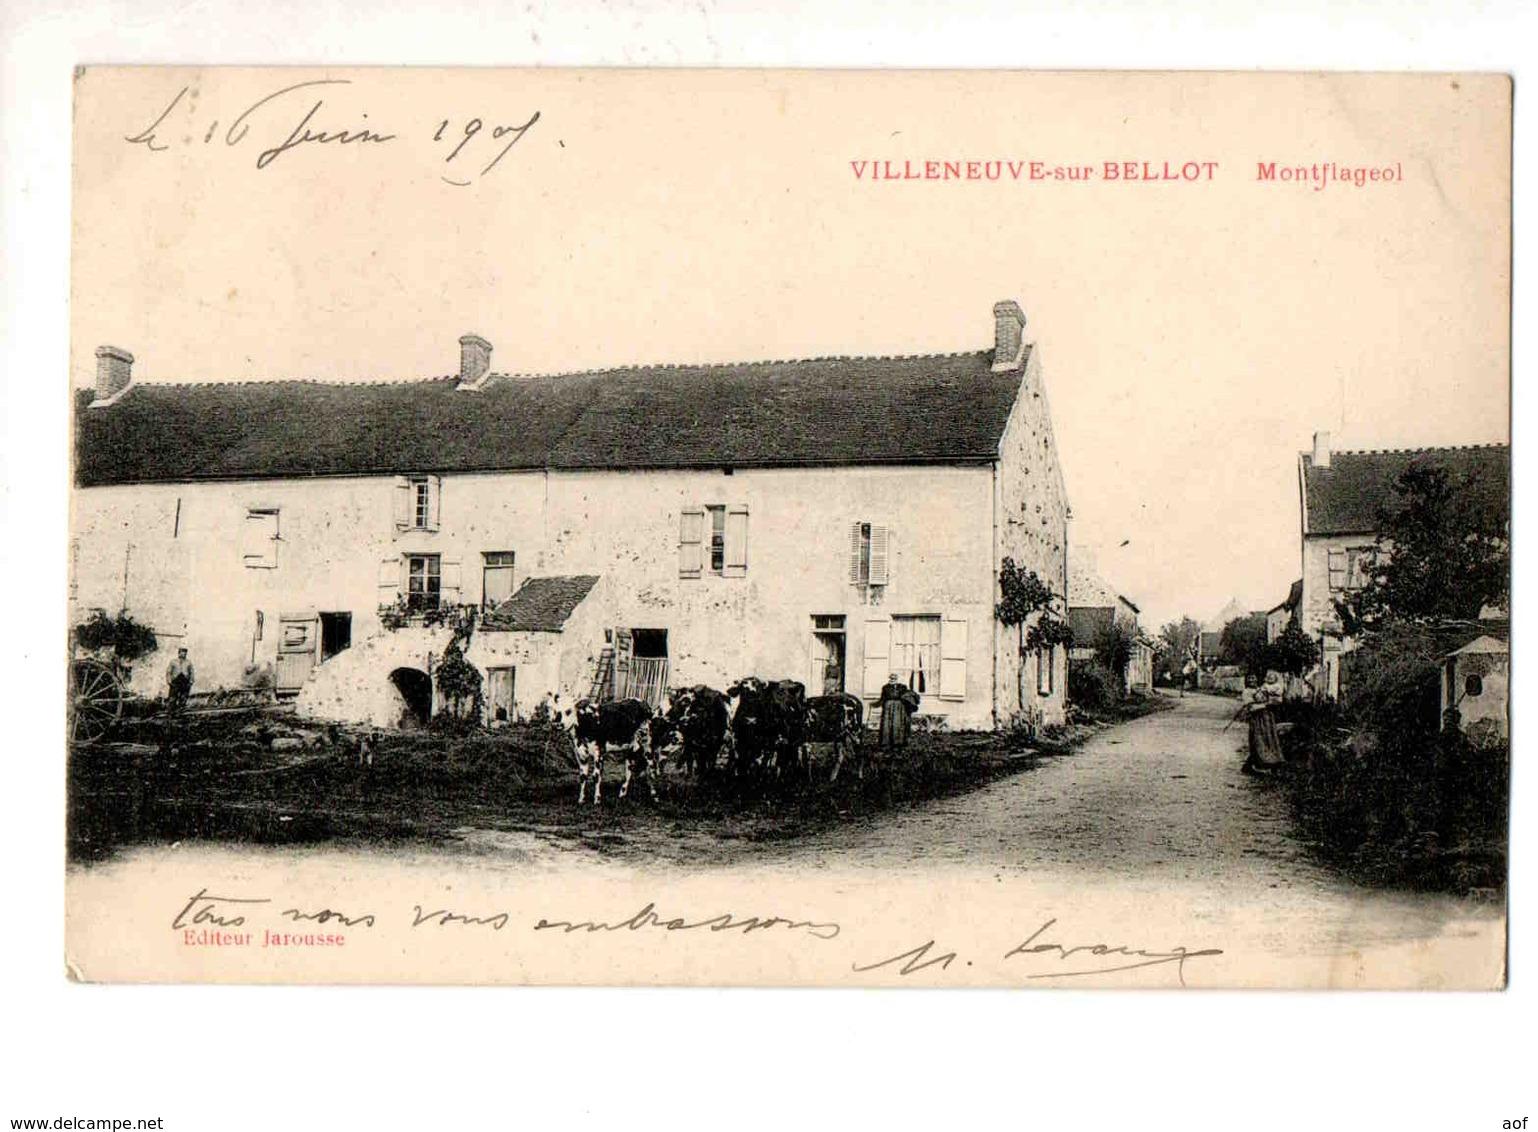 VILLENEUVE-sur-BELLOT Moulin - France